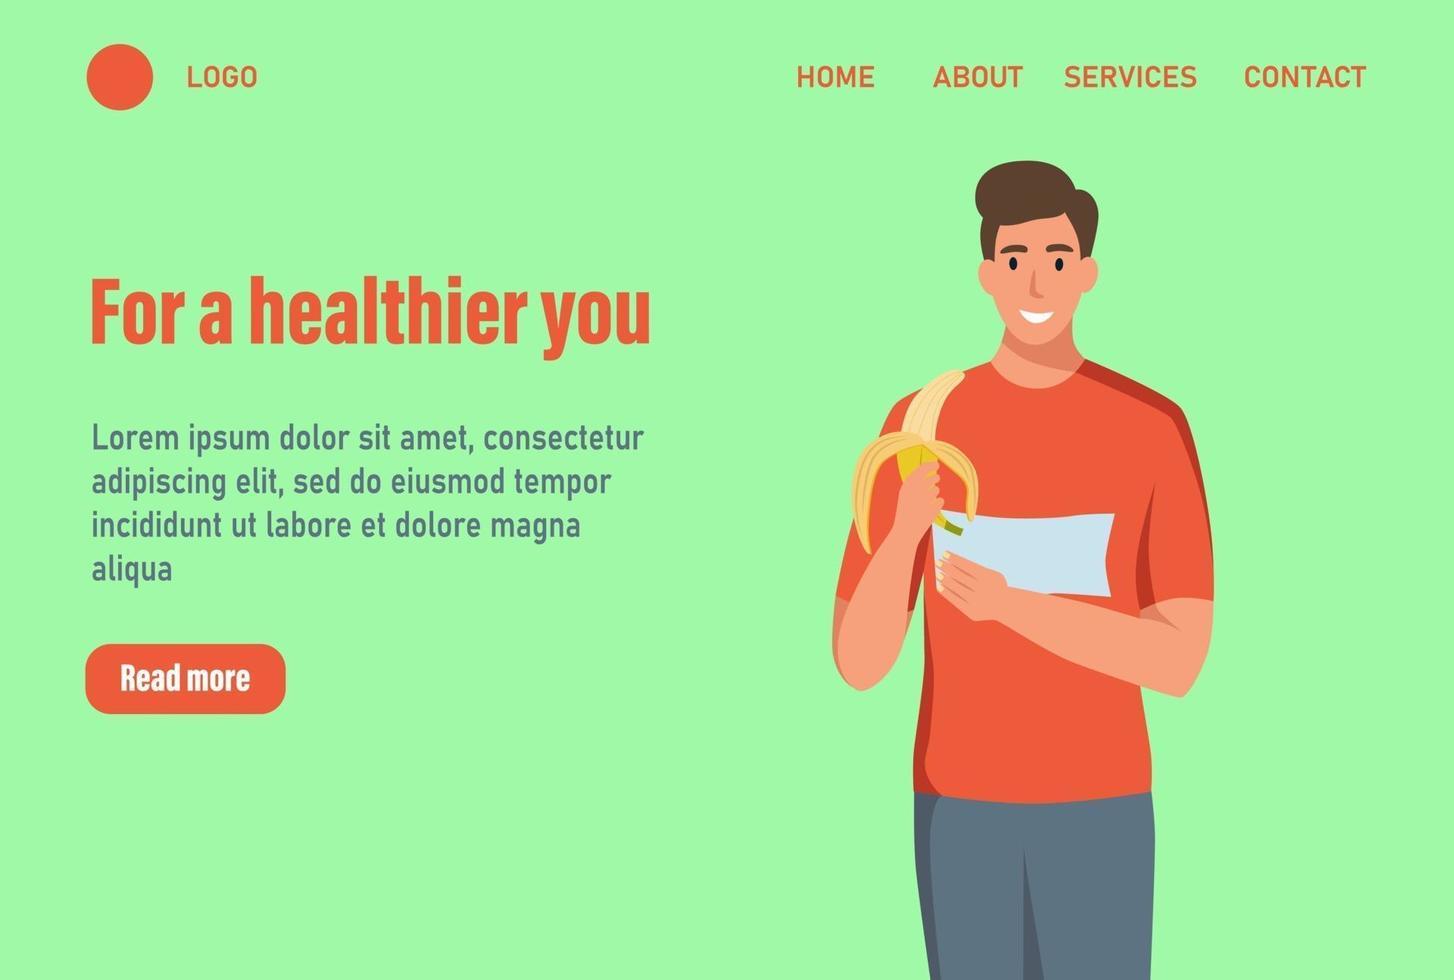 un uomo mangia una banana landing page. il concetto di corretta alimentazione e uno stile di vita sano. modello di pagina web di destinazione della homepage del sito Web. illustrazione di vettore